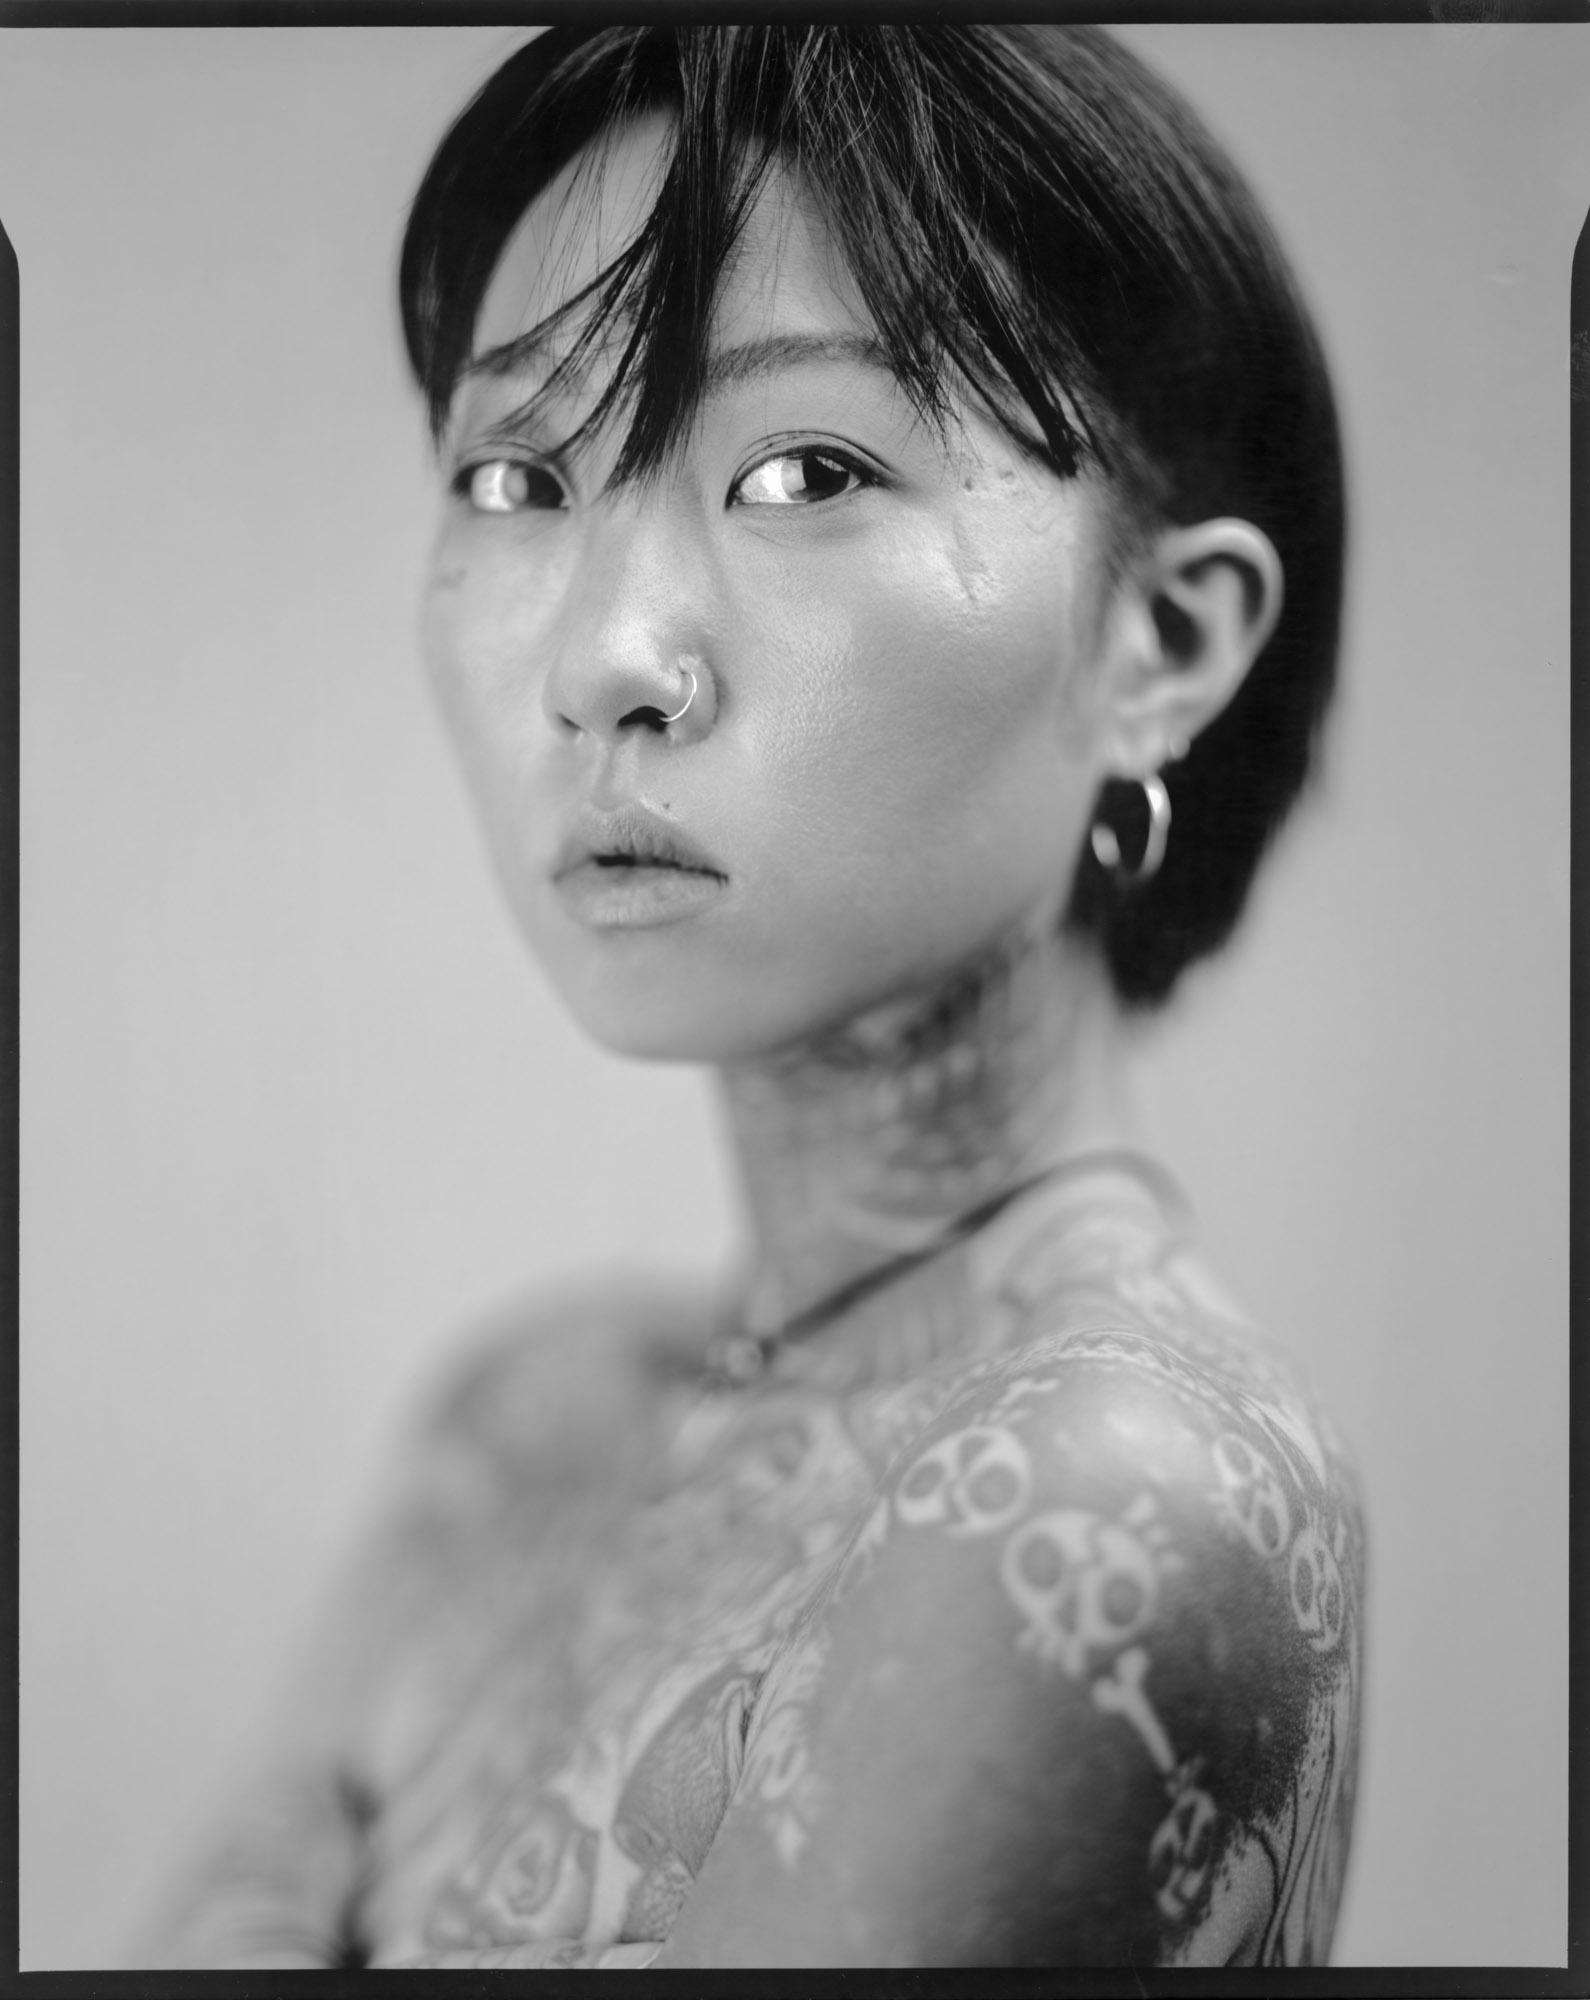 tattooist-korea-810091.jpg